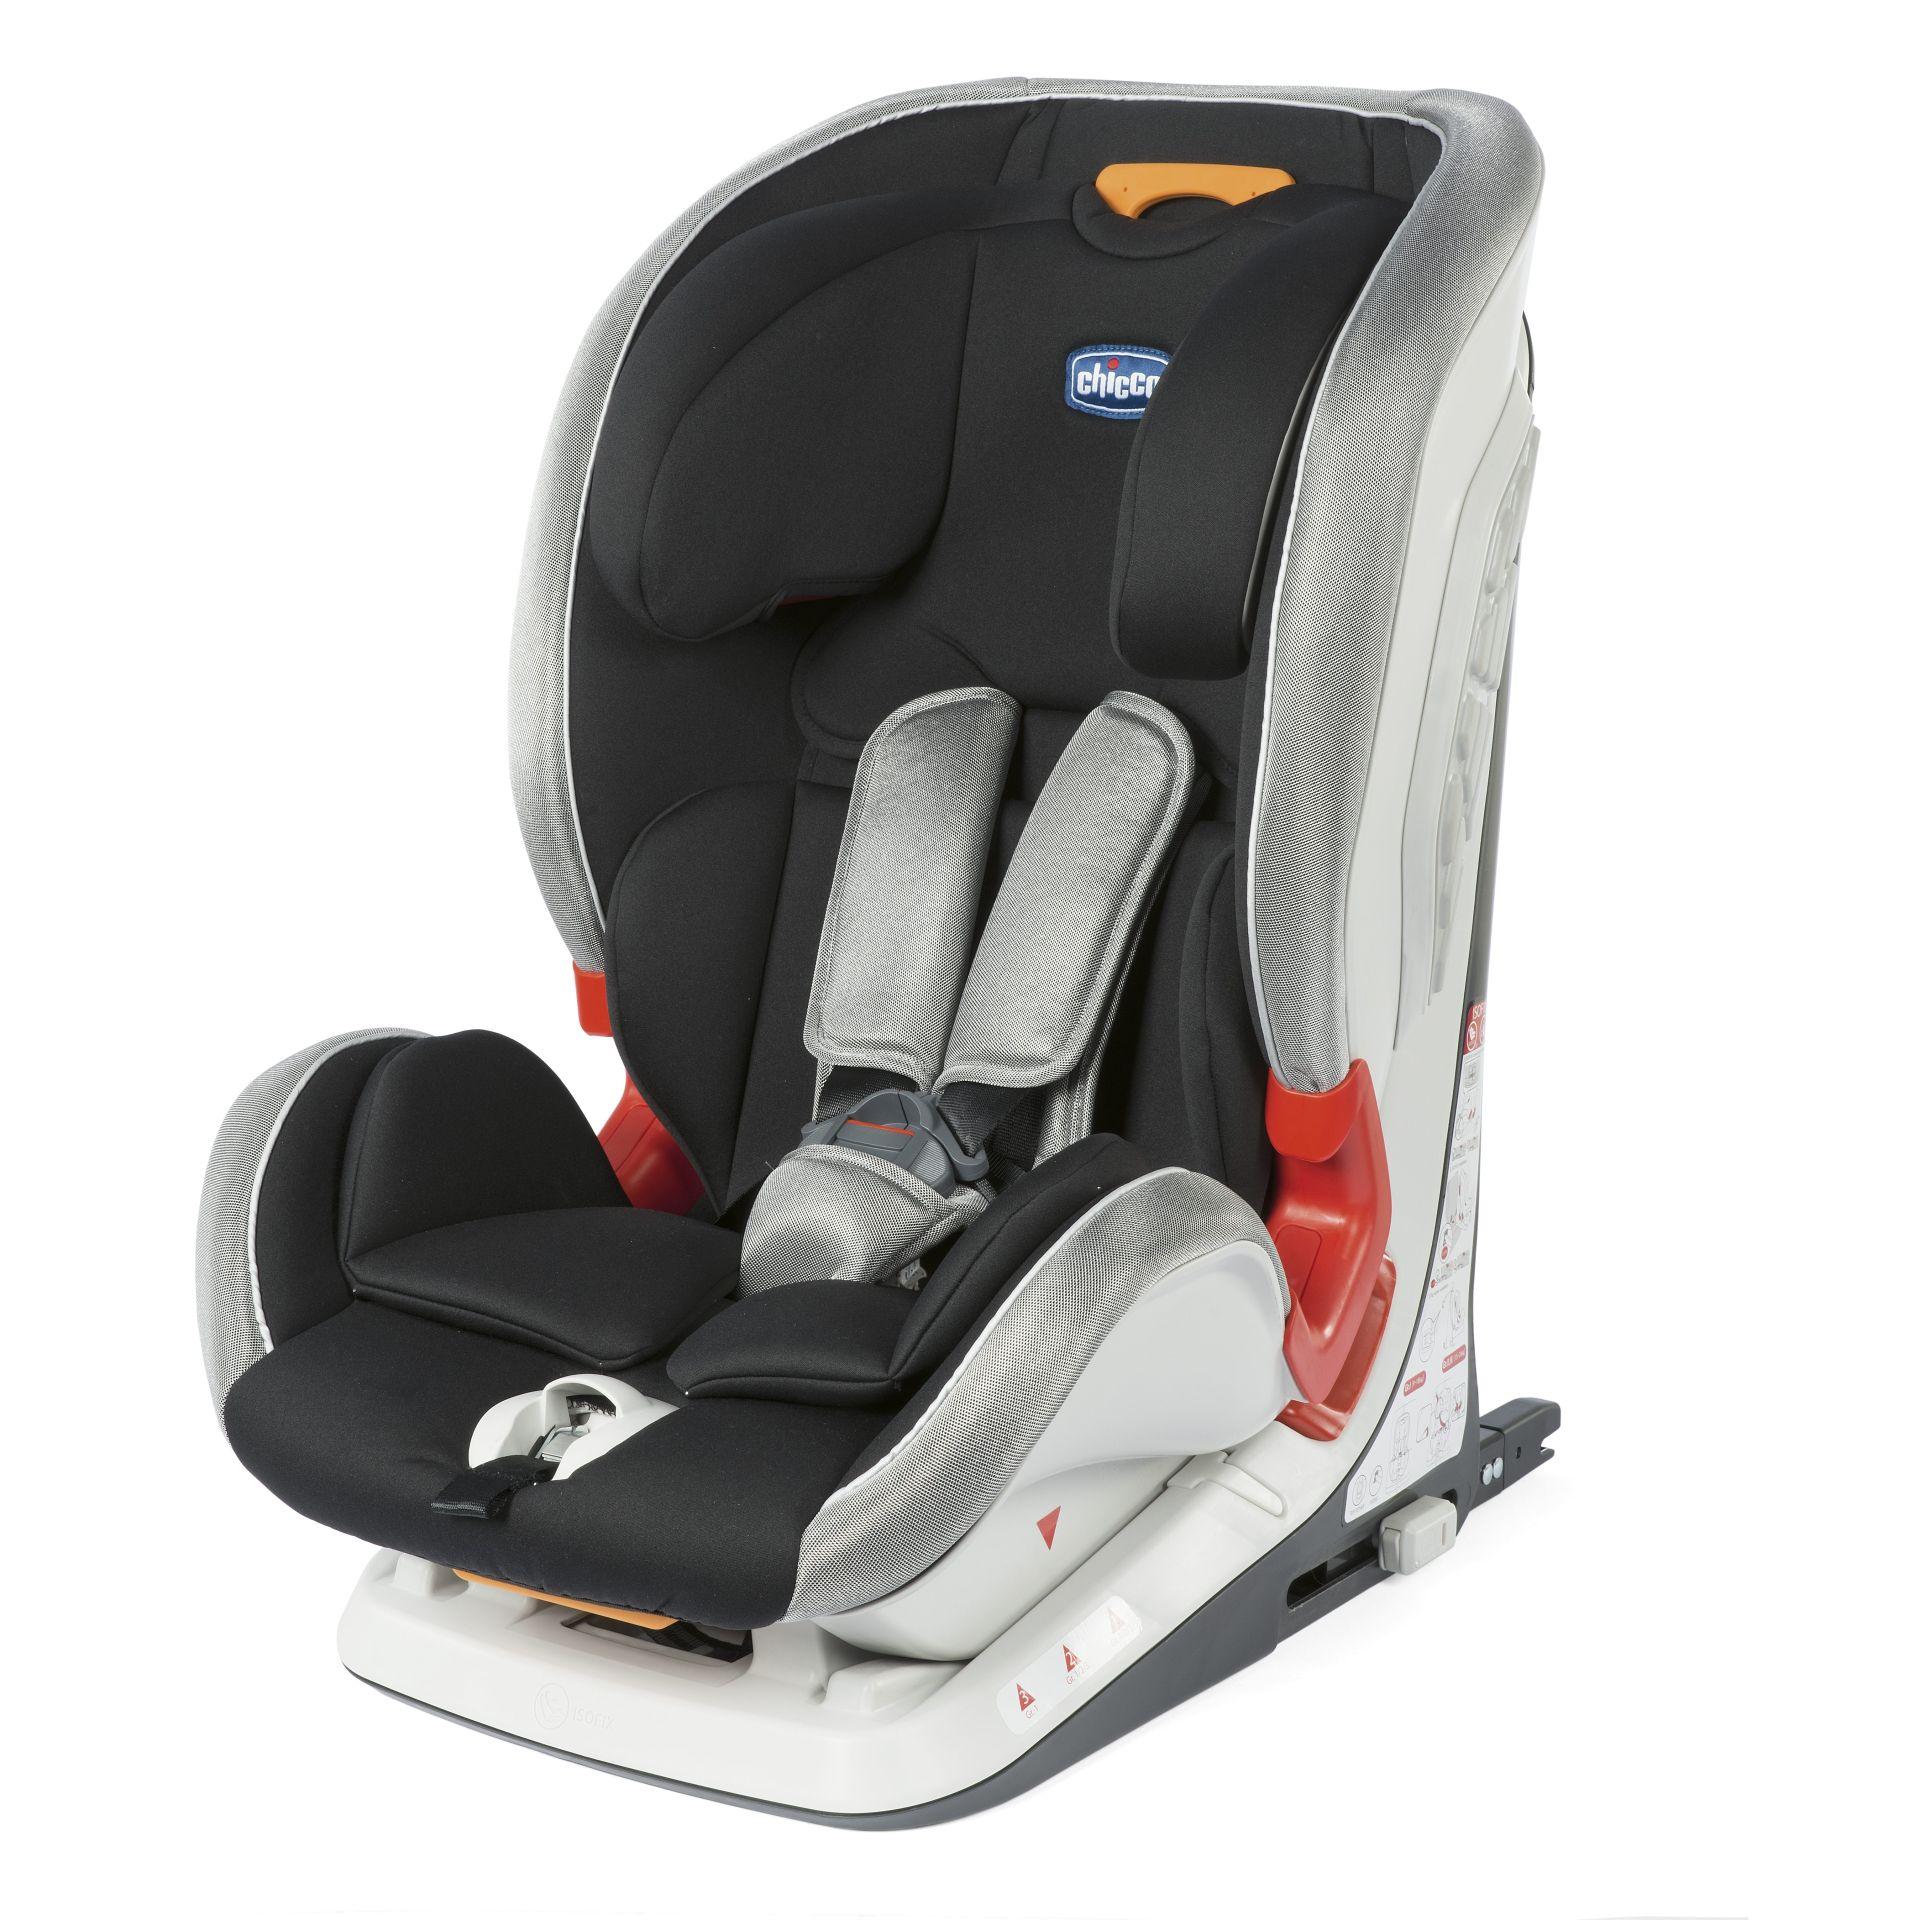 Chicco silla de coche youniverse fix 2018 polar silver comprar en kidsroom sillas de coche - Silla coche chicco ...